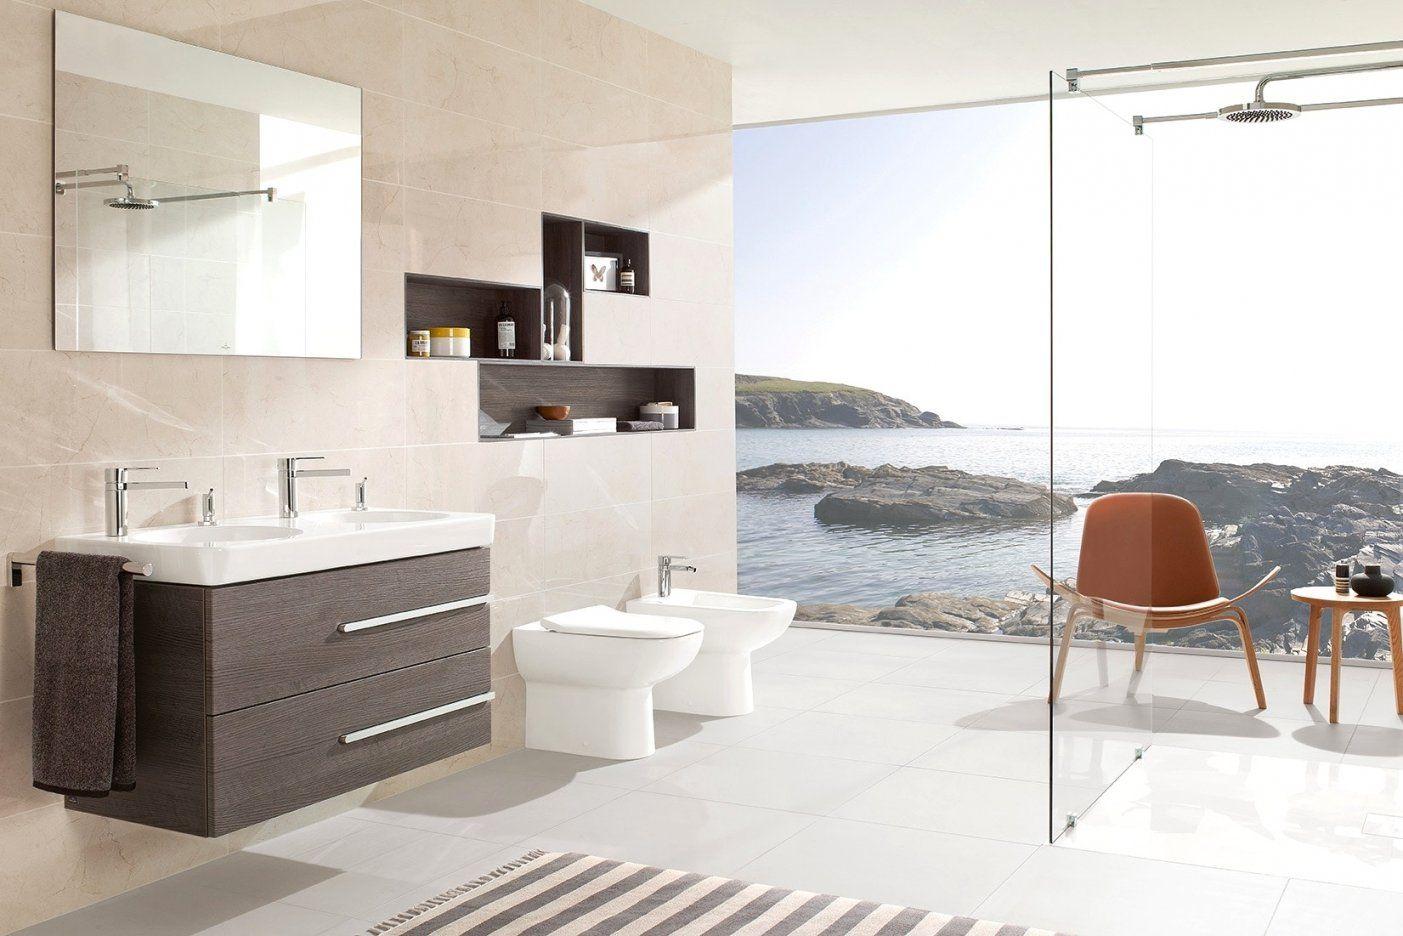 Badezimmer Villeroy Und Boch von Badplaner Villeroy Und Boch Bild